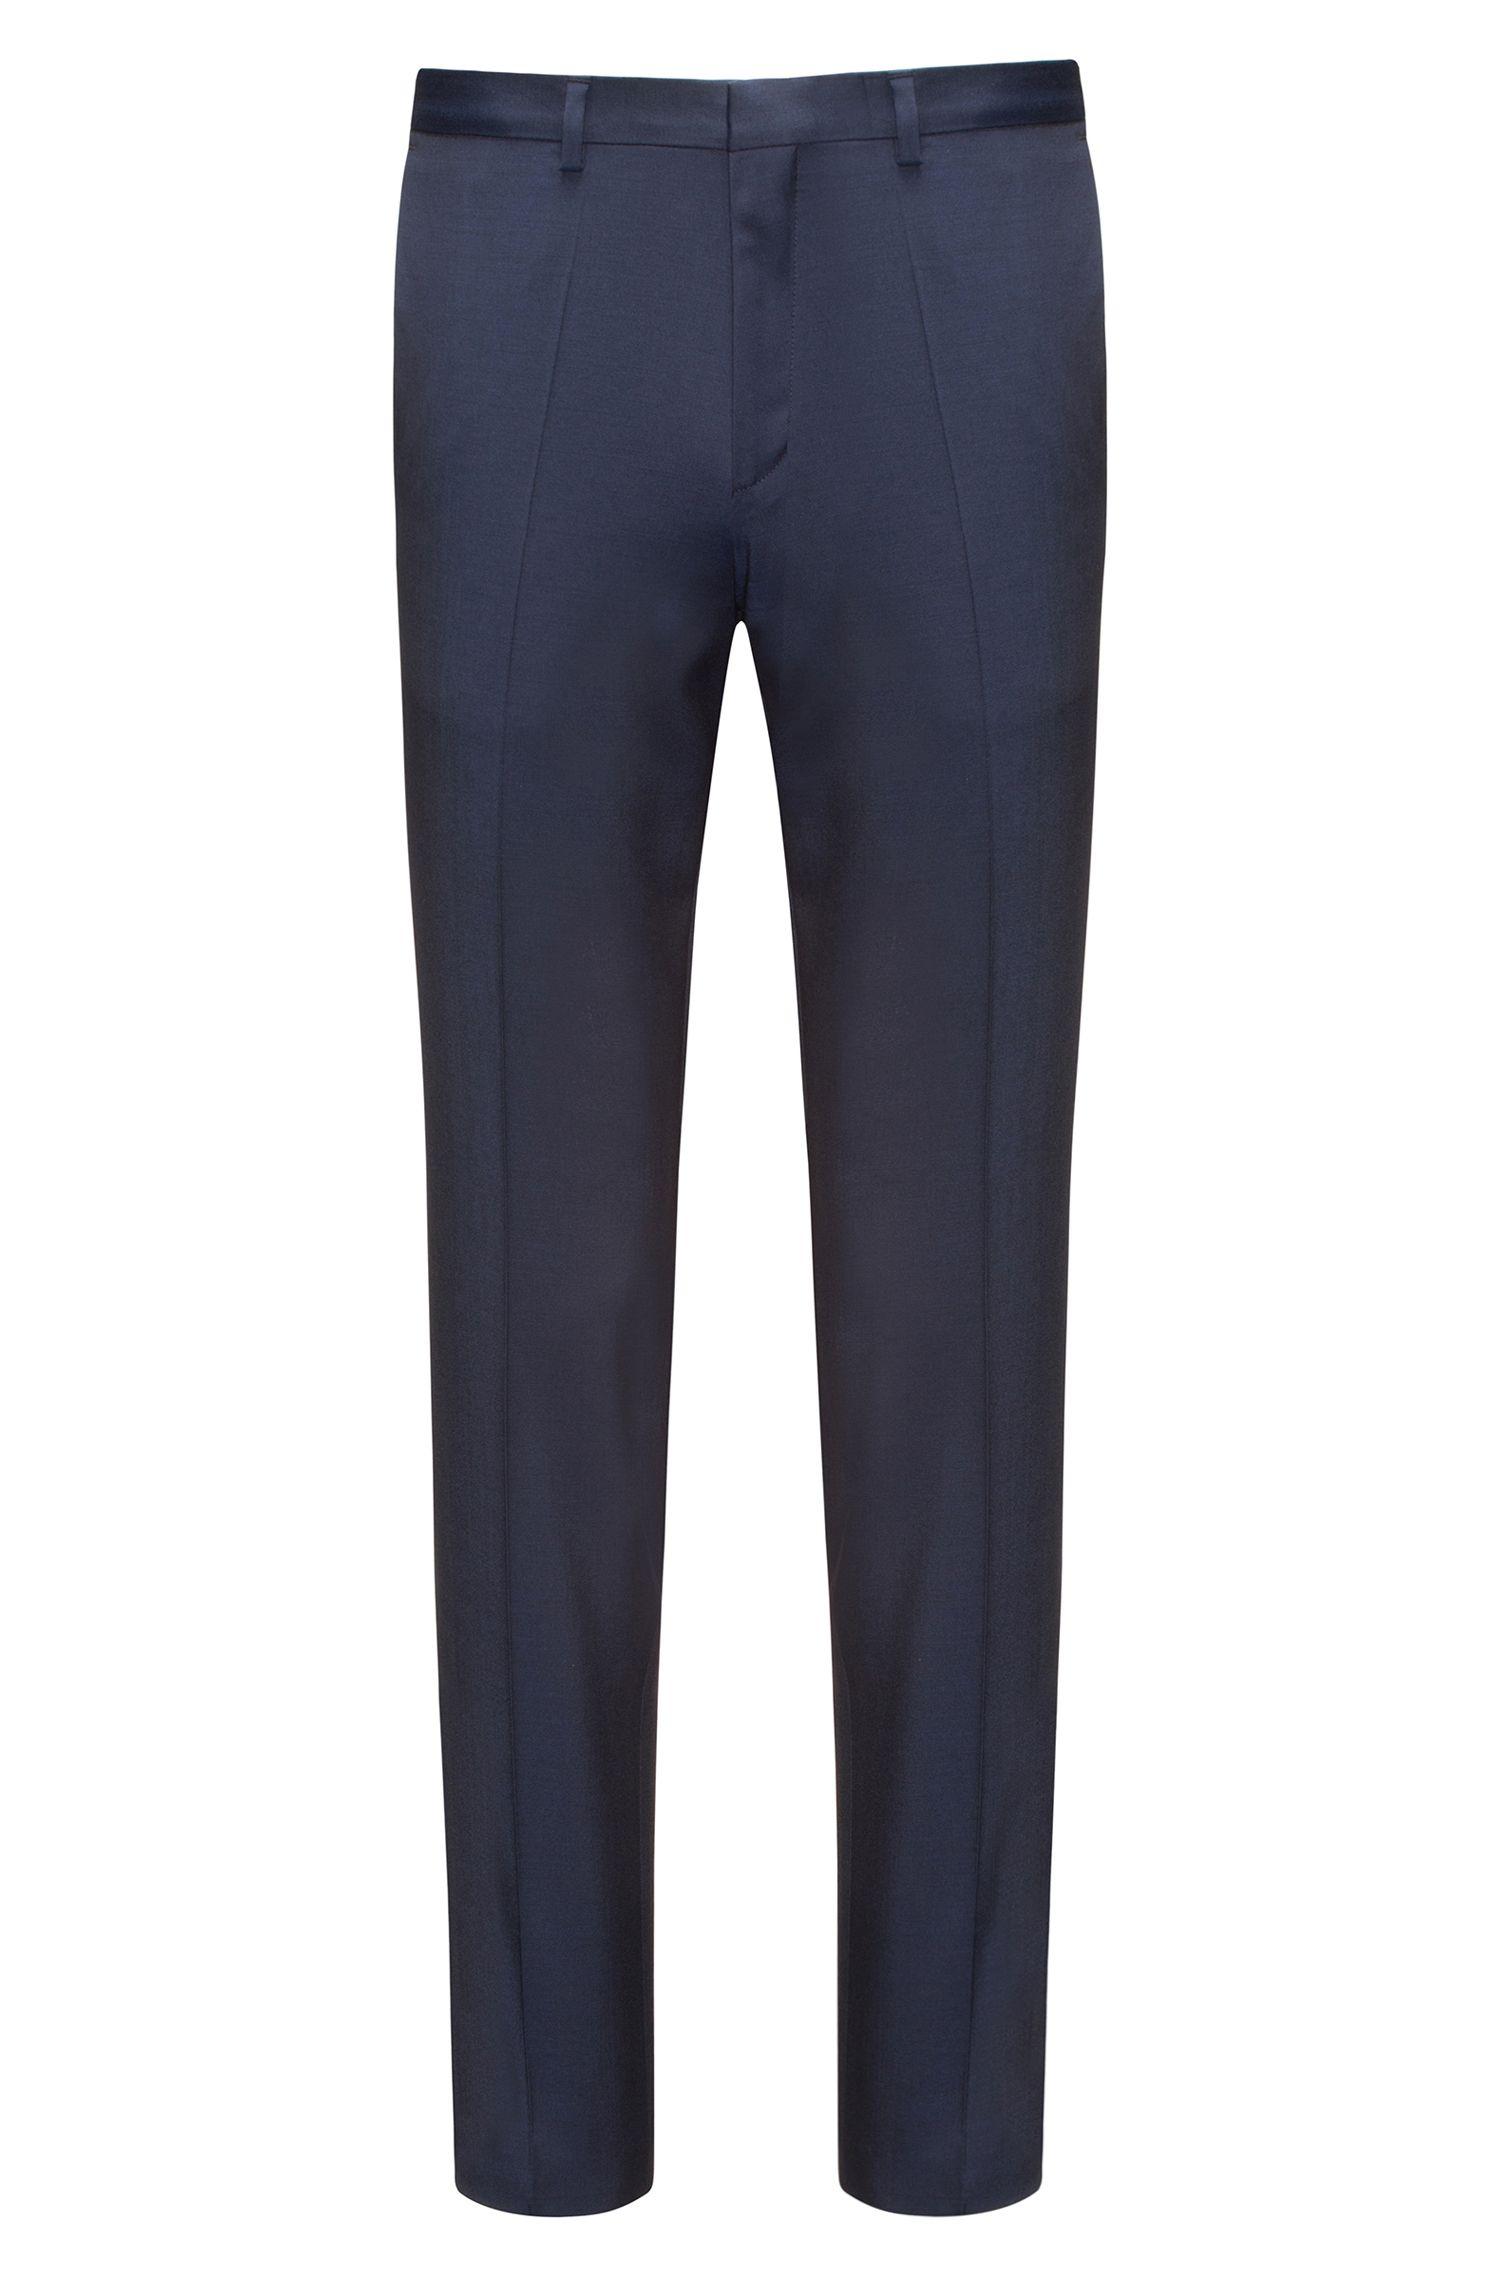 Pantalon Extra Slim Fit en twill de laine vierge naturellement extensible, Bleu foncé